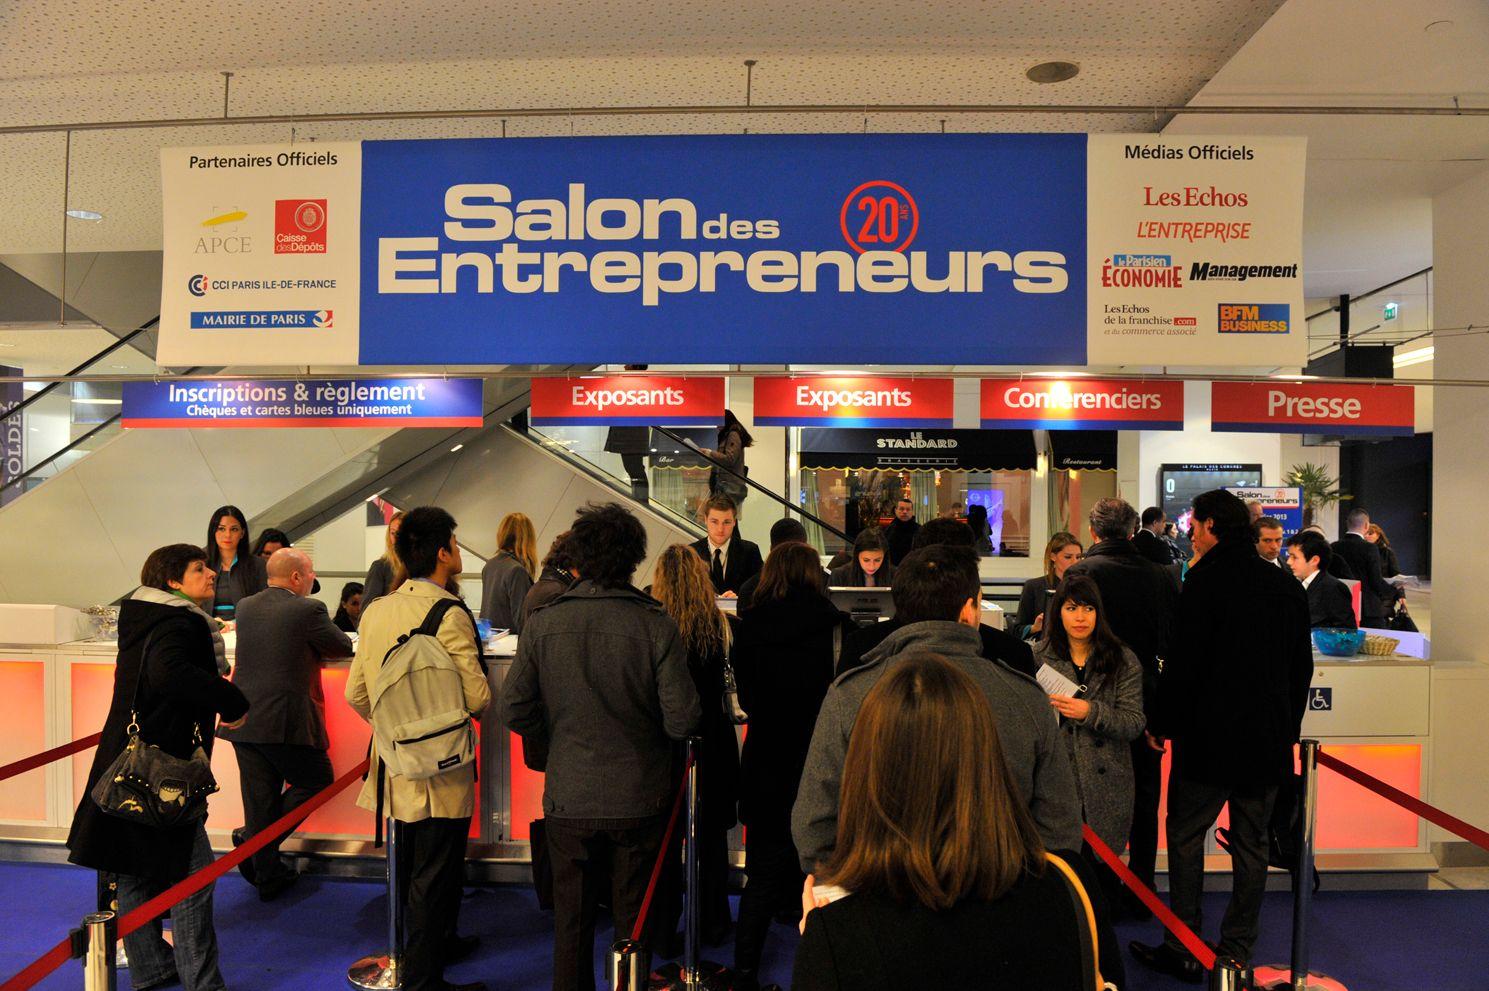 """Salon des Entrepreneurs – Laurent Baccouche : """"Les créateurs d'entreprises ont compris que c'était dans la crise qu'il fallait en profiter pour se lancer"""""""